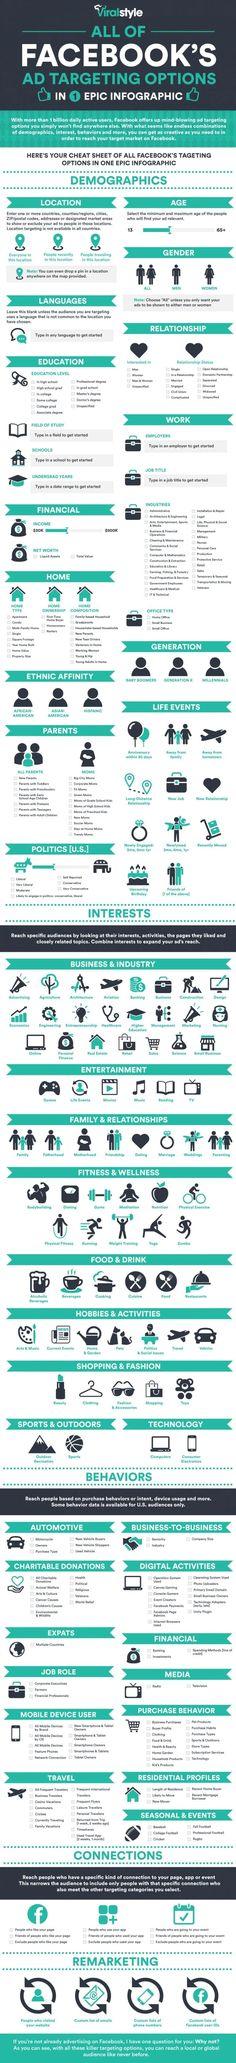 Infografik: Alle Facebook Targeting-Optionen auf einen Blick #onlinemarketing #digitalmarketing #ads #facebook #infografik #infographic